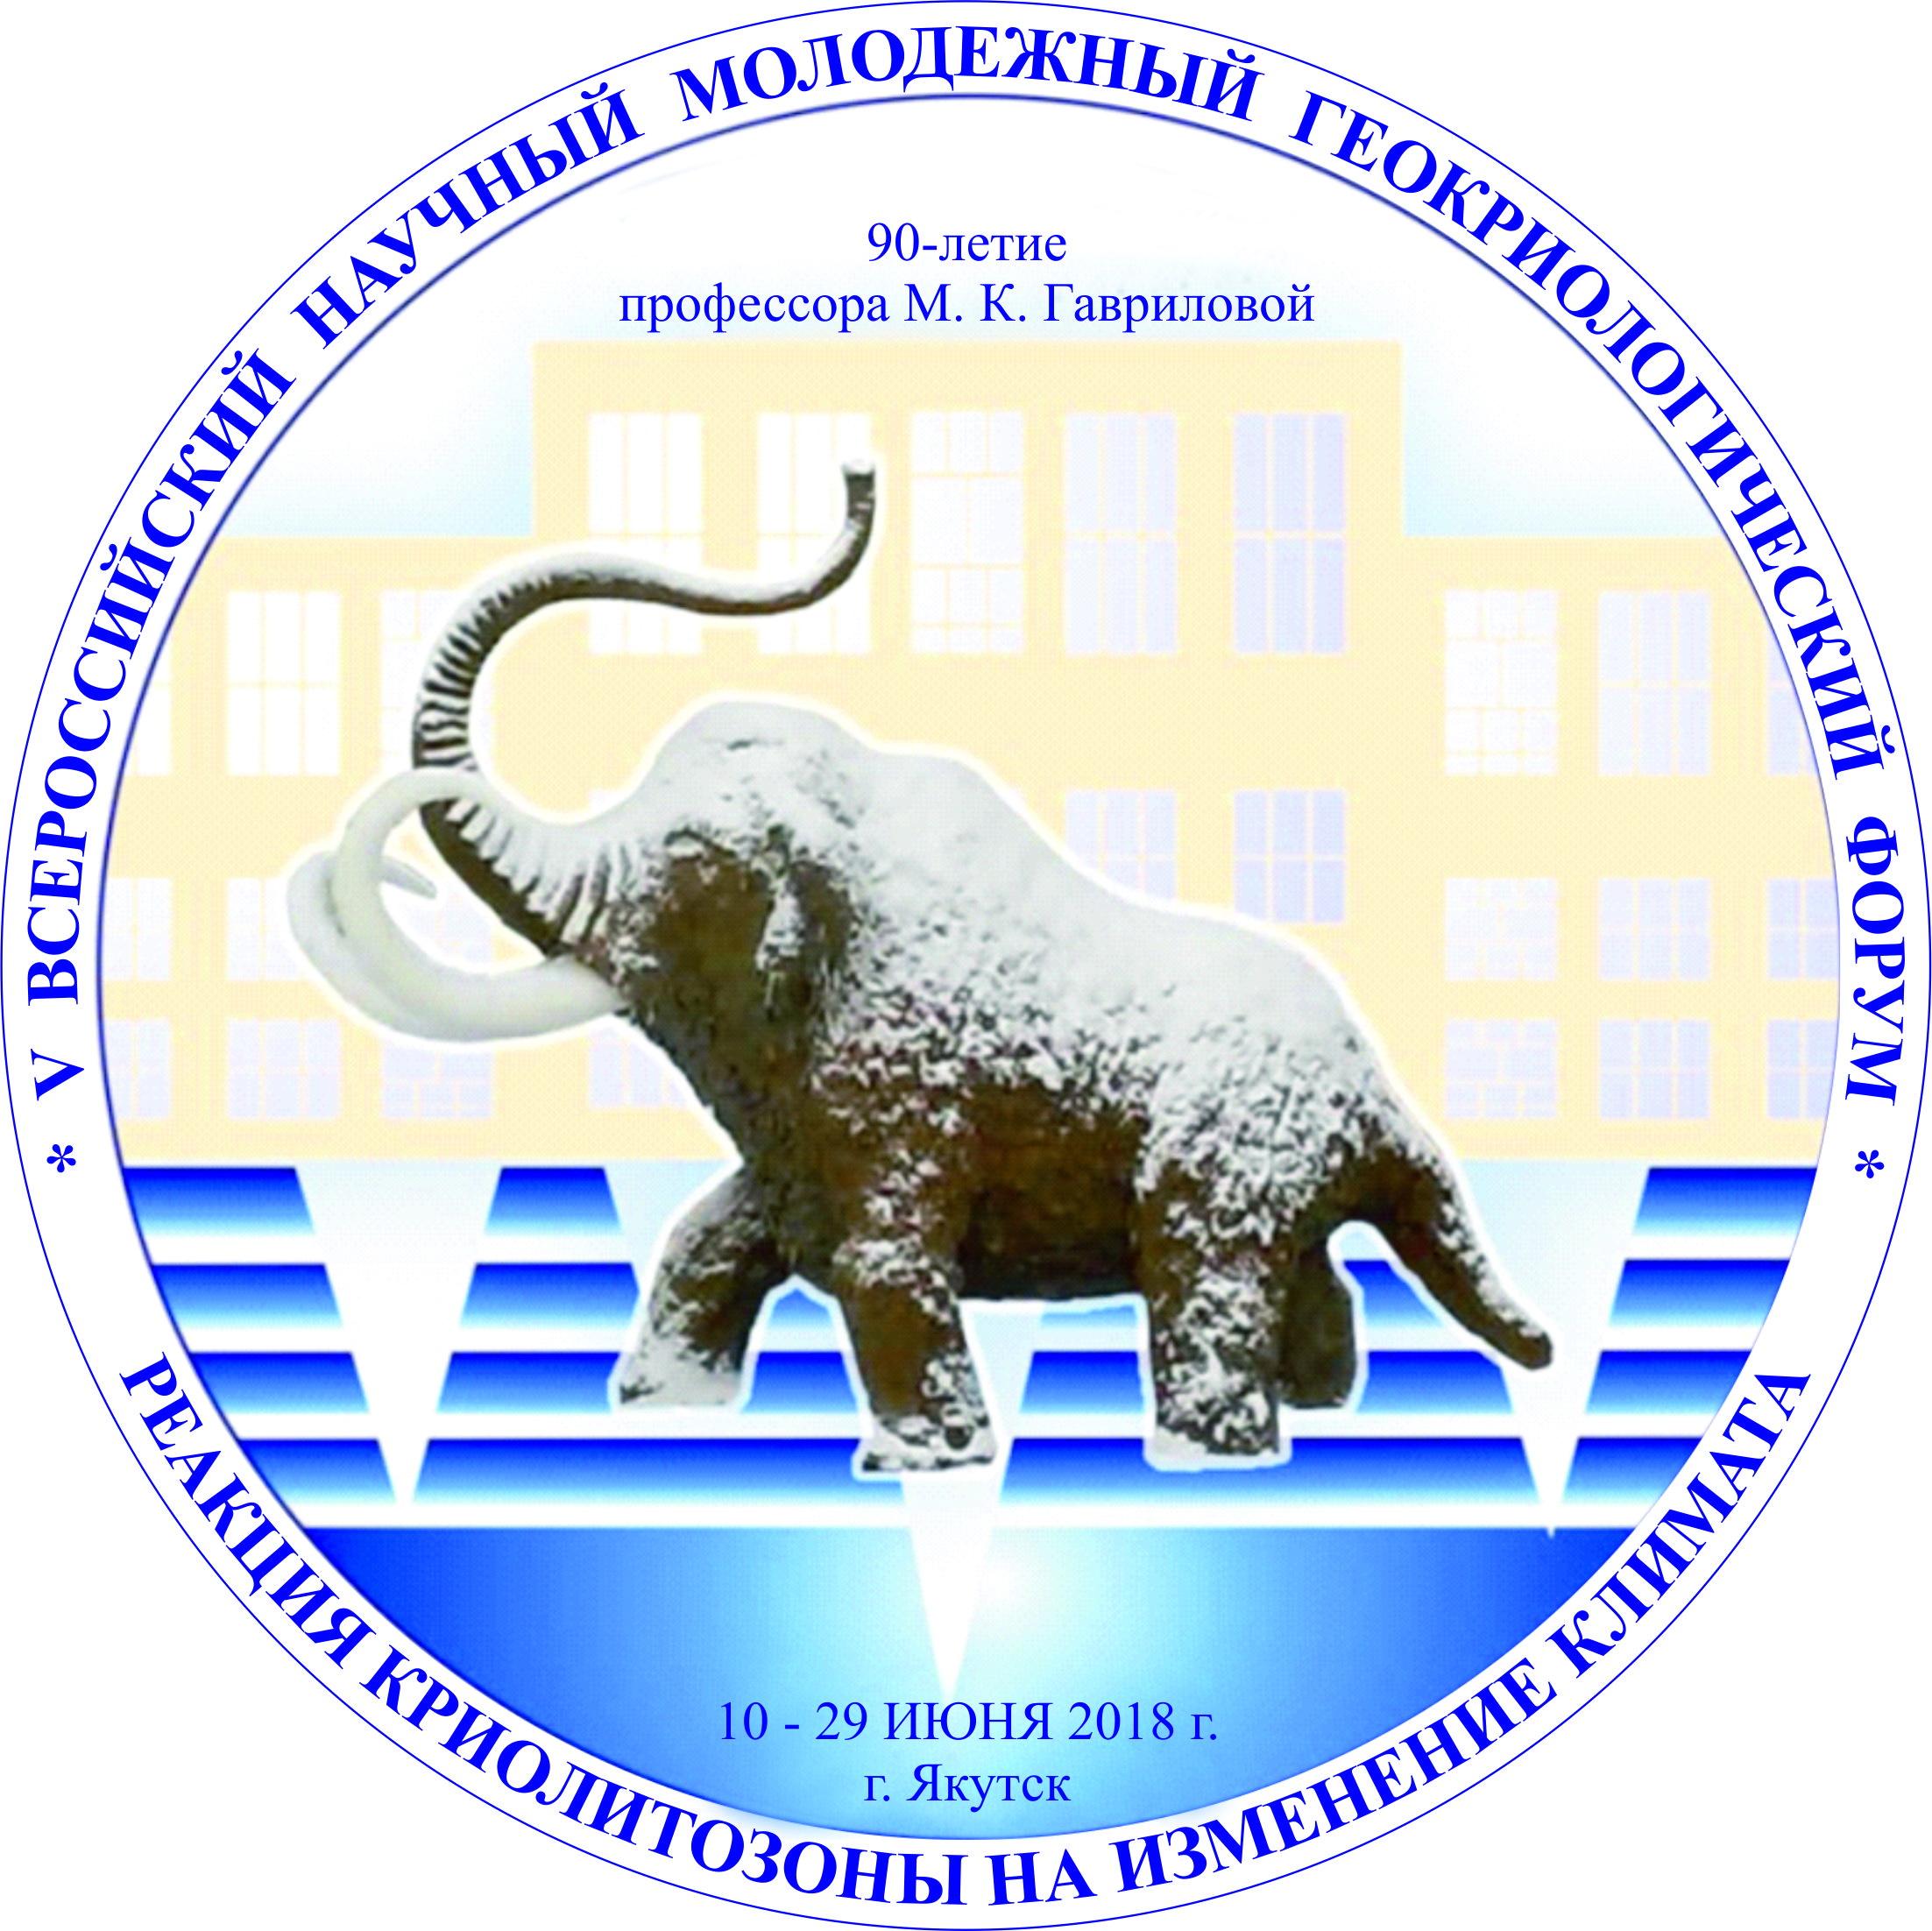 Всероссийский научный молодежный форум 2018